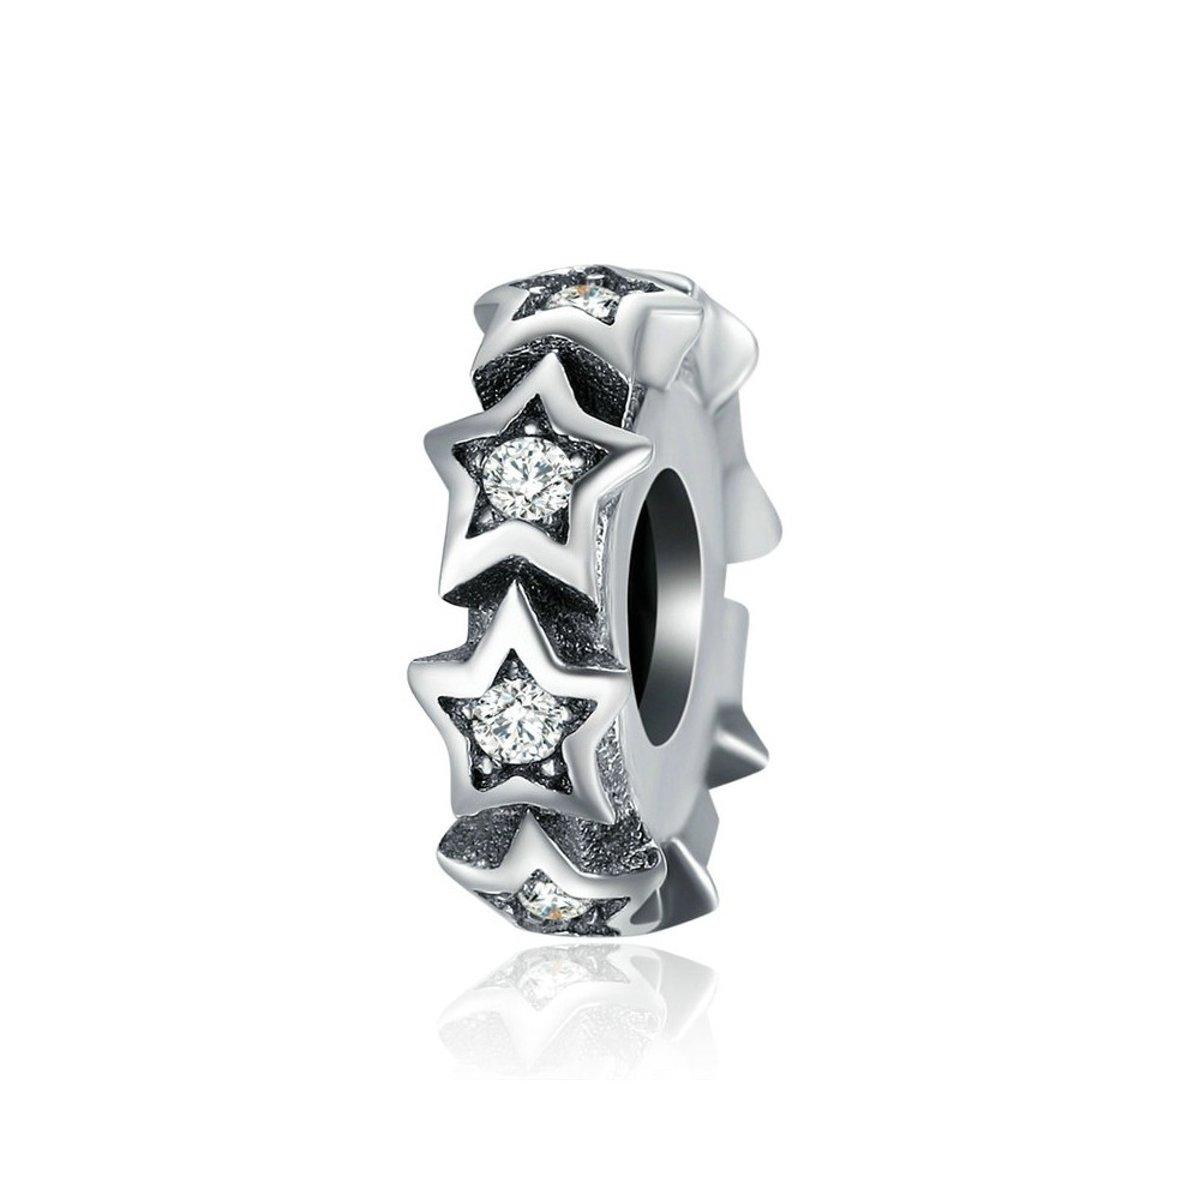 Zilveren sterren spacer met zirkonia steentjes kopen